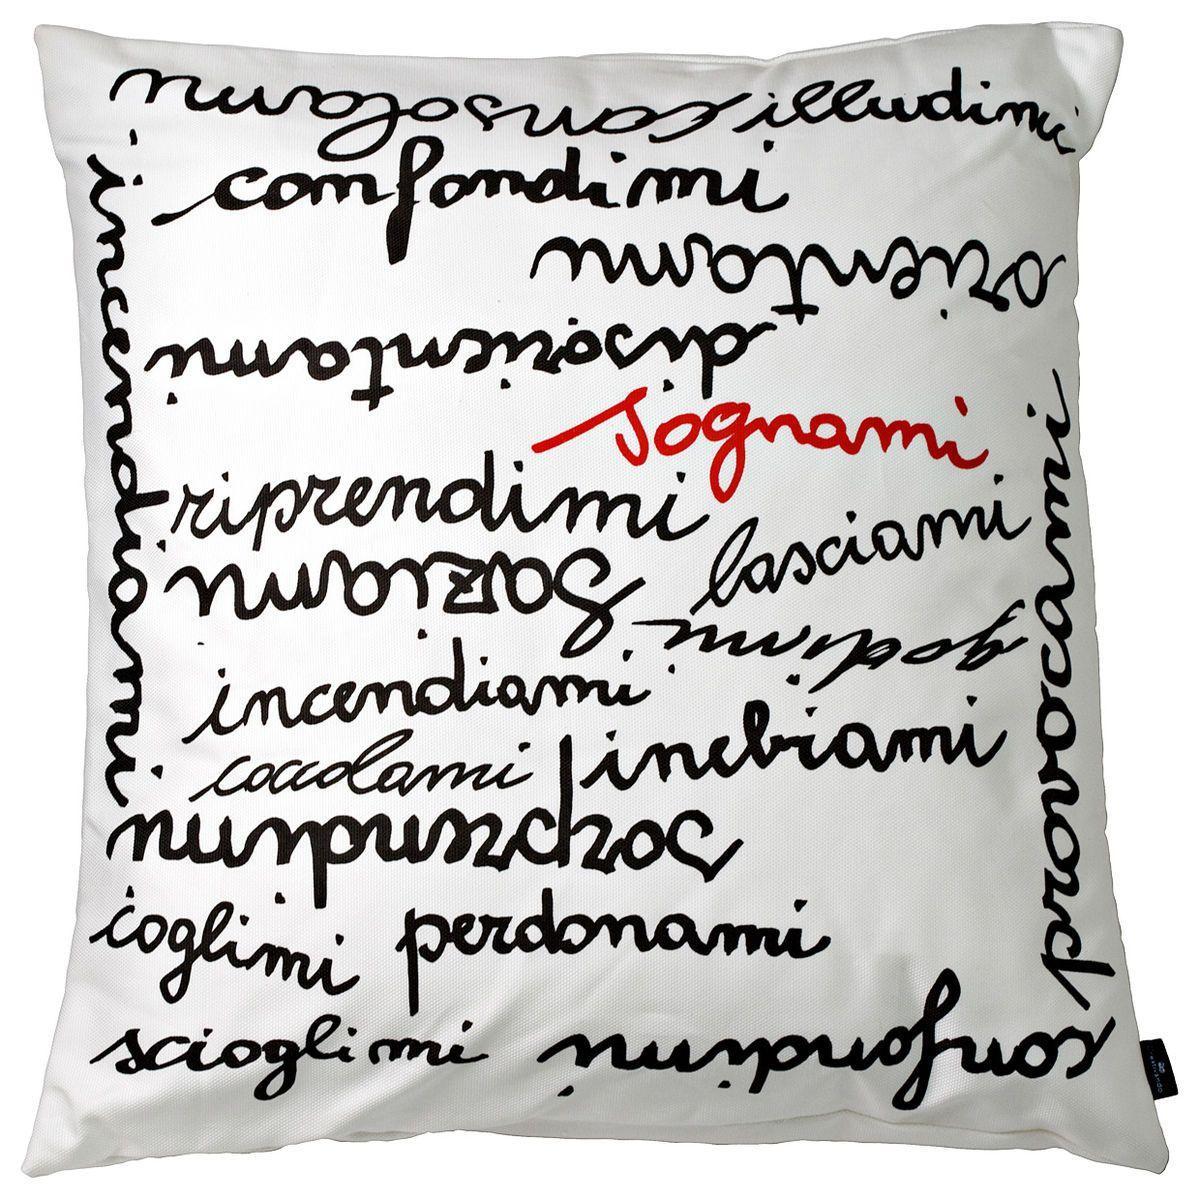 Cuscino in cotone bianco quadrato con stampa parole in stampatello minuscolo colore testo nero e rosso